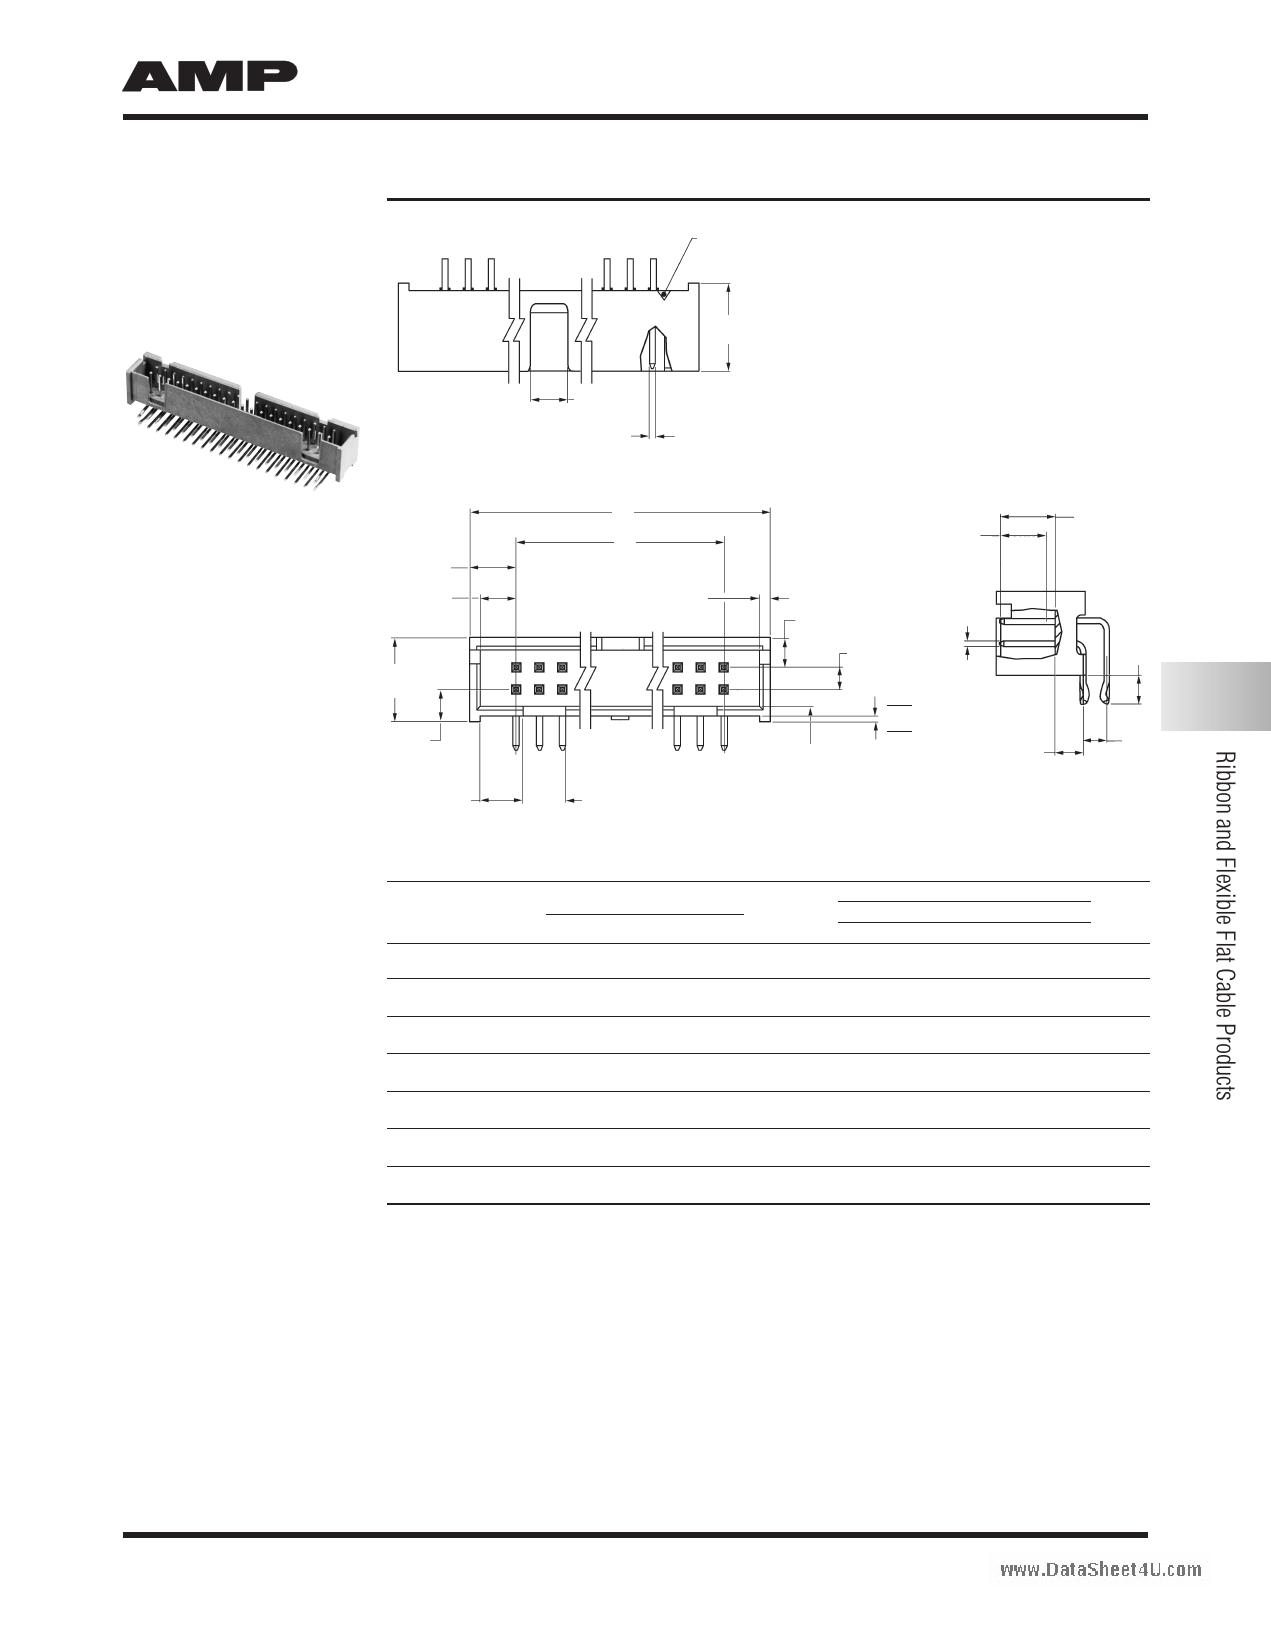 9-143xxxx-x arduino